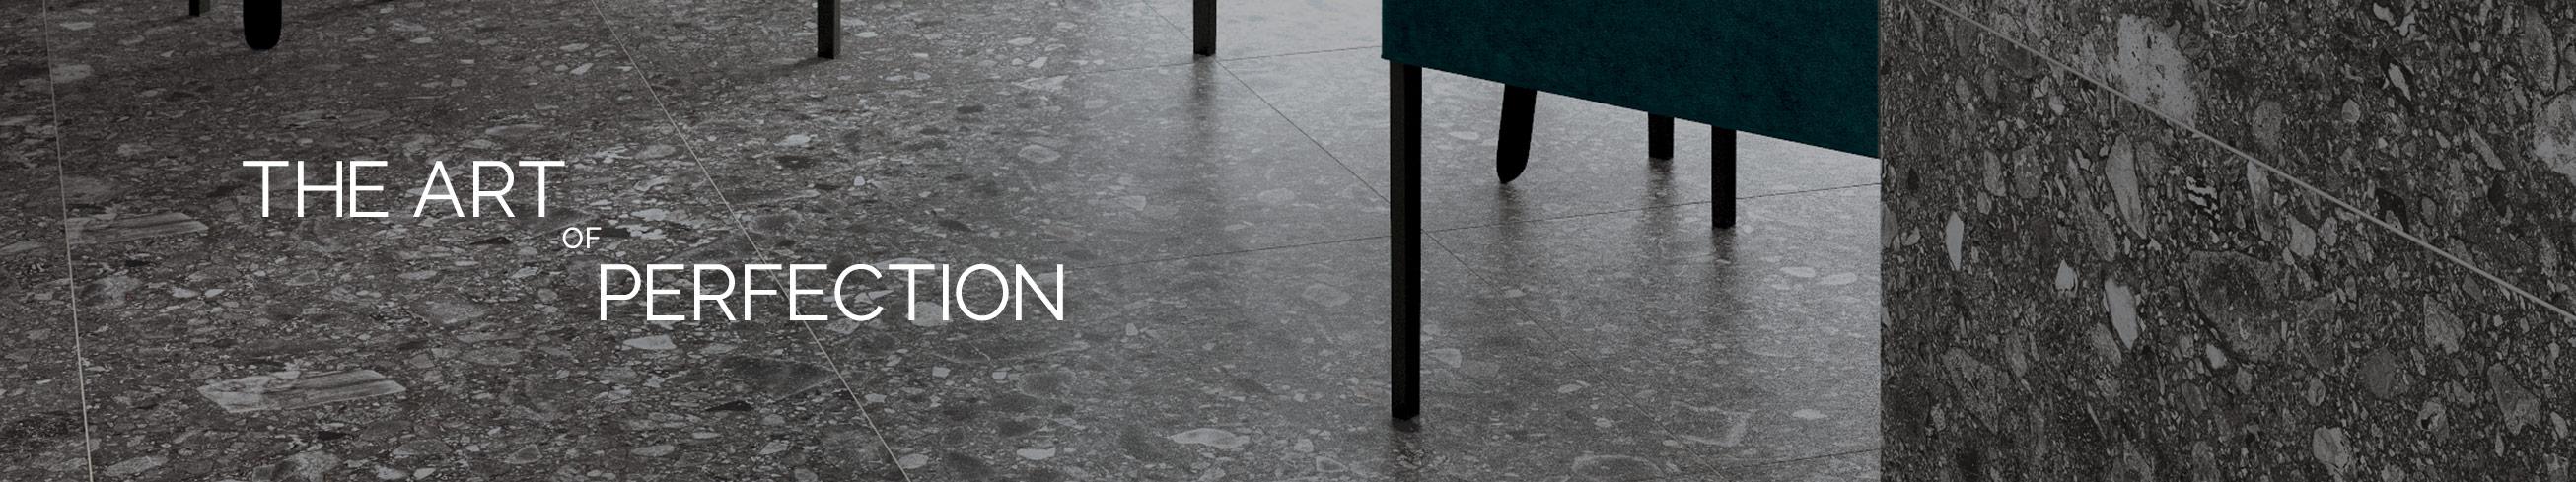 Terrazzo & Terrazzo-Look Tiles